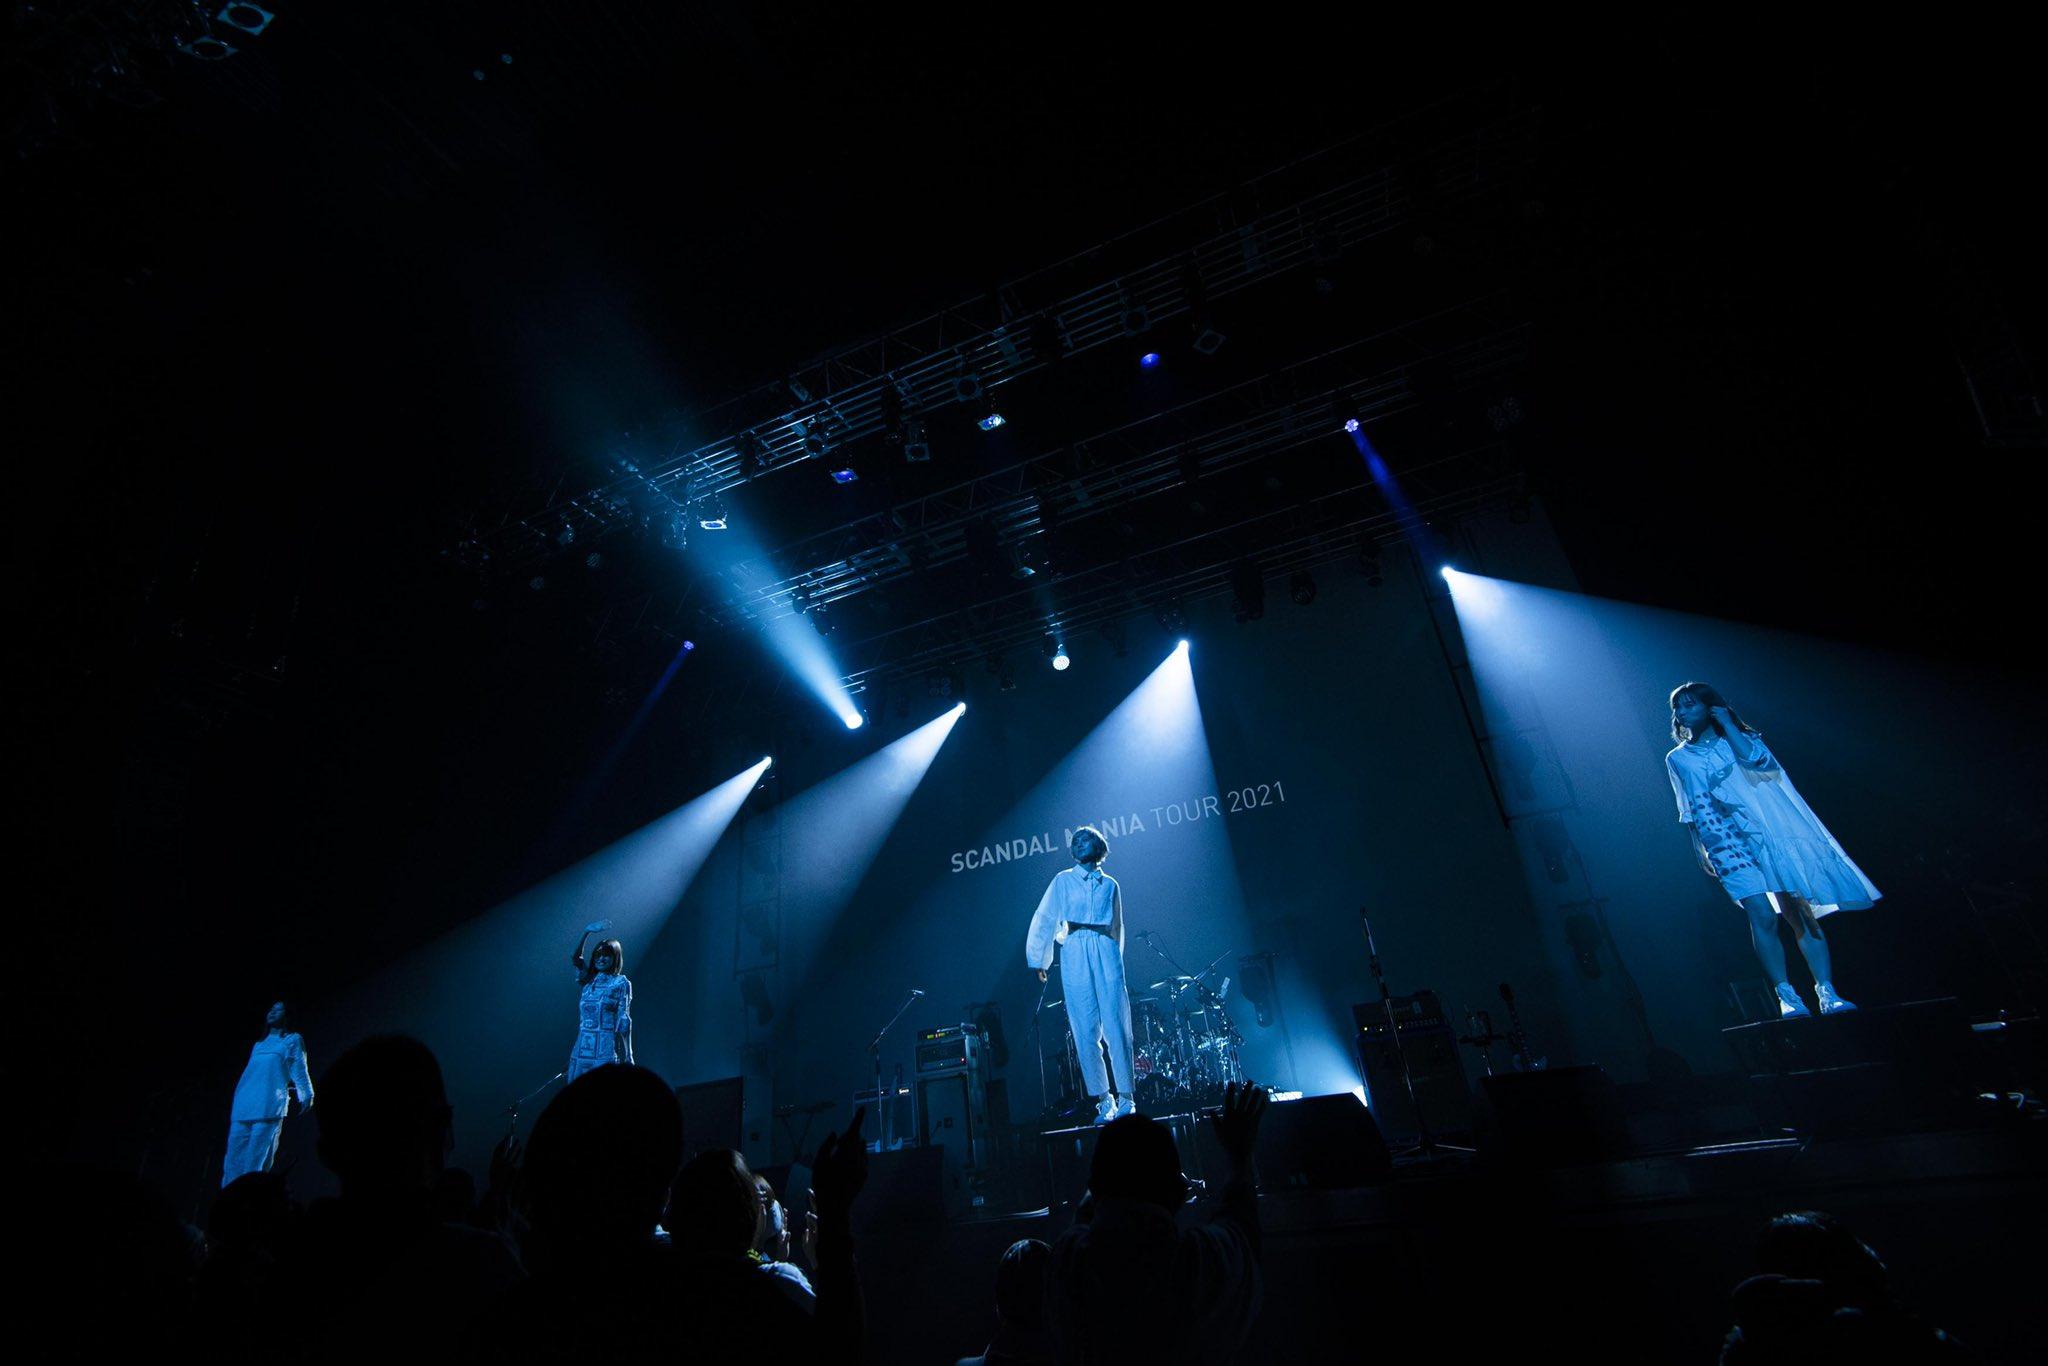 Compte rendu de la tournée «SCANDAL MANIA TOUR 2021 request» et nouvelles croustillantes